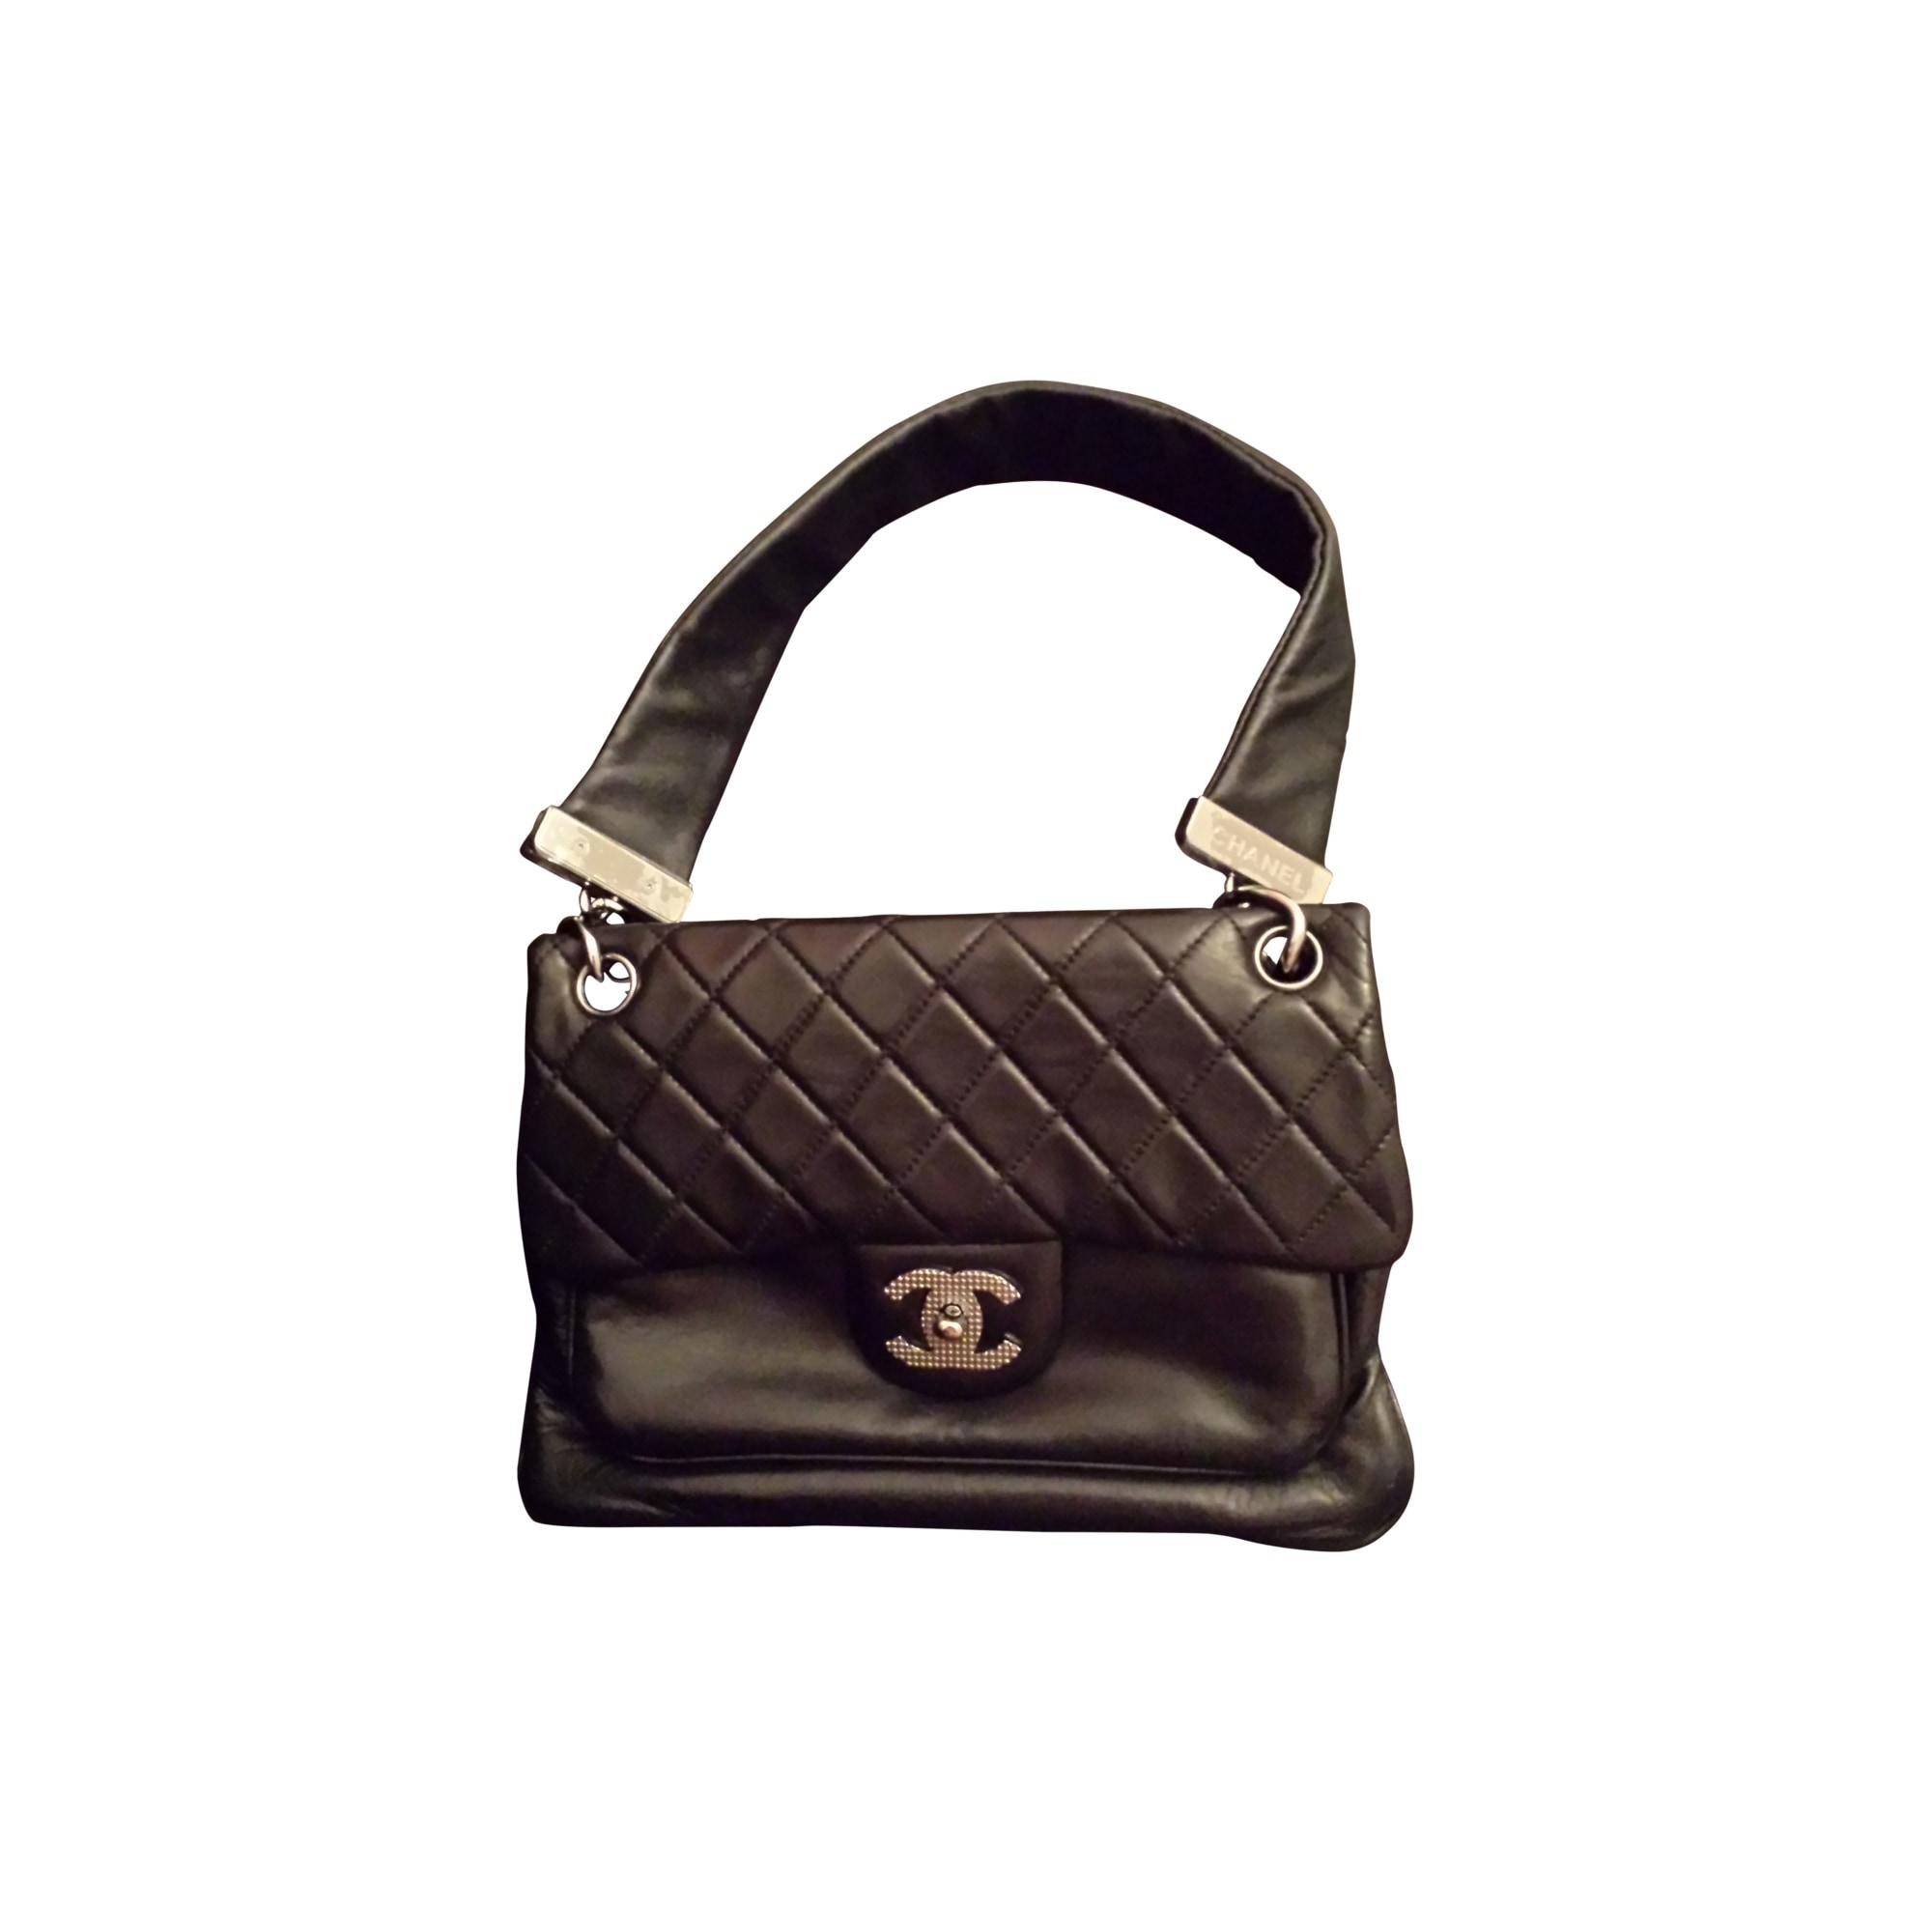 Sac en bandoulière en cuir CHANEL noir vendu par Samira 40471484 ... 980ebbd00cf